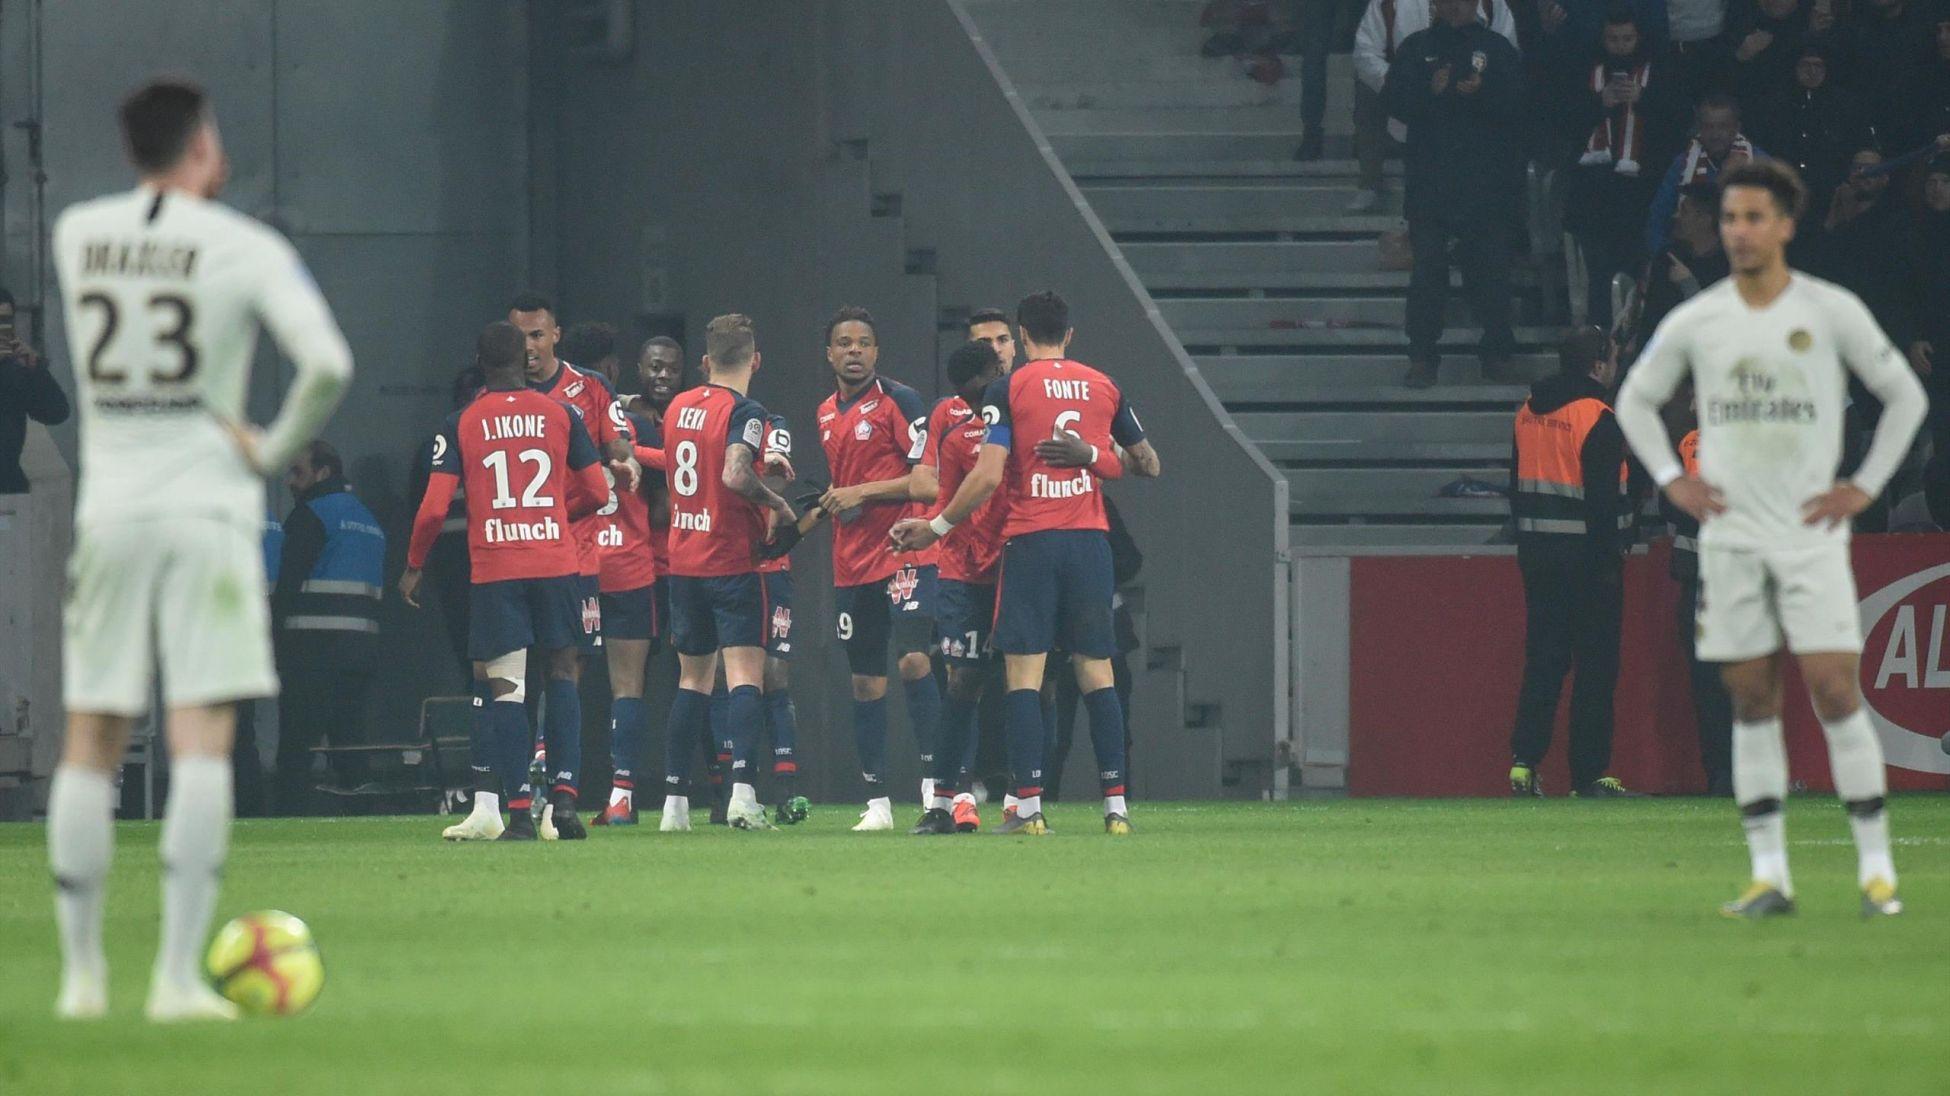 Ligue 1, Lille, Paris